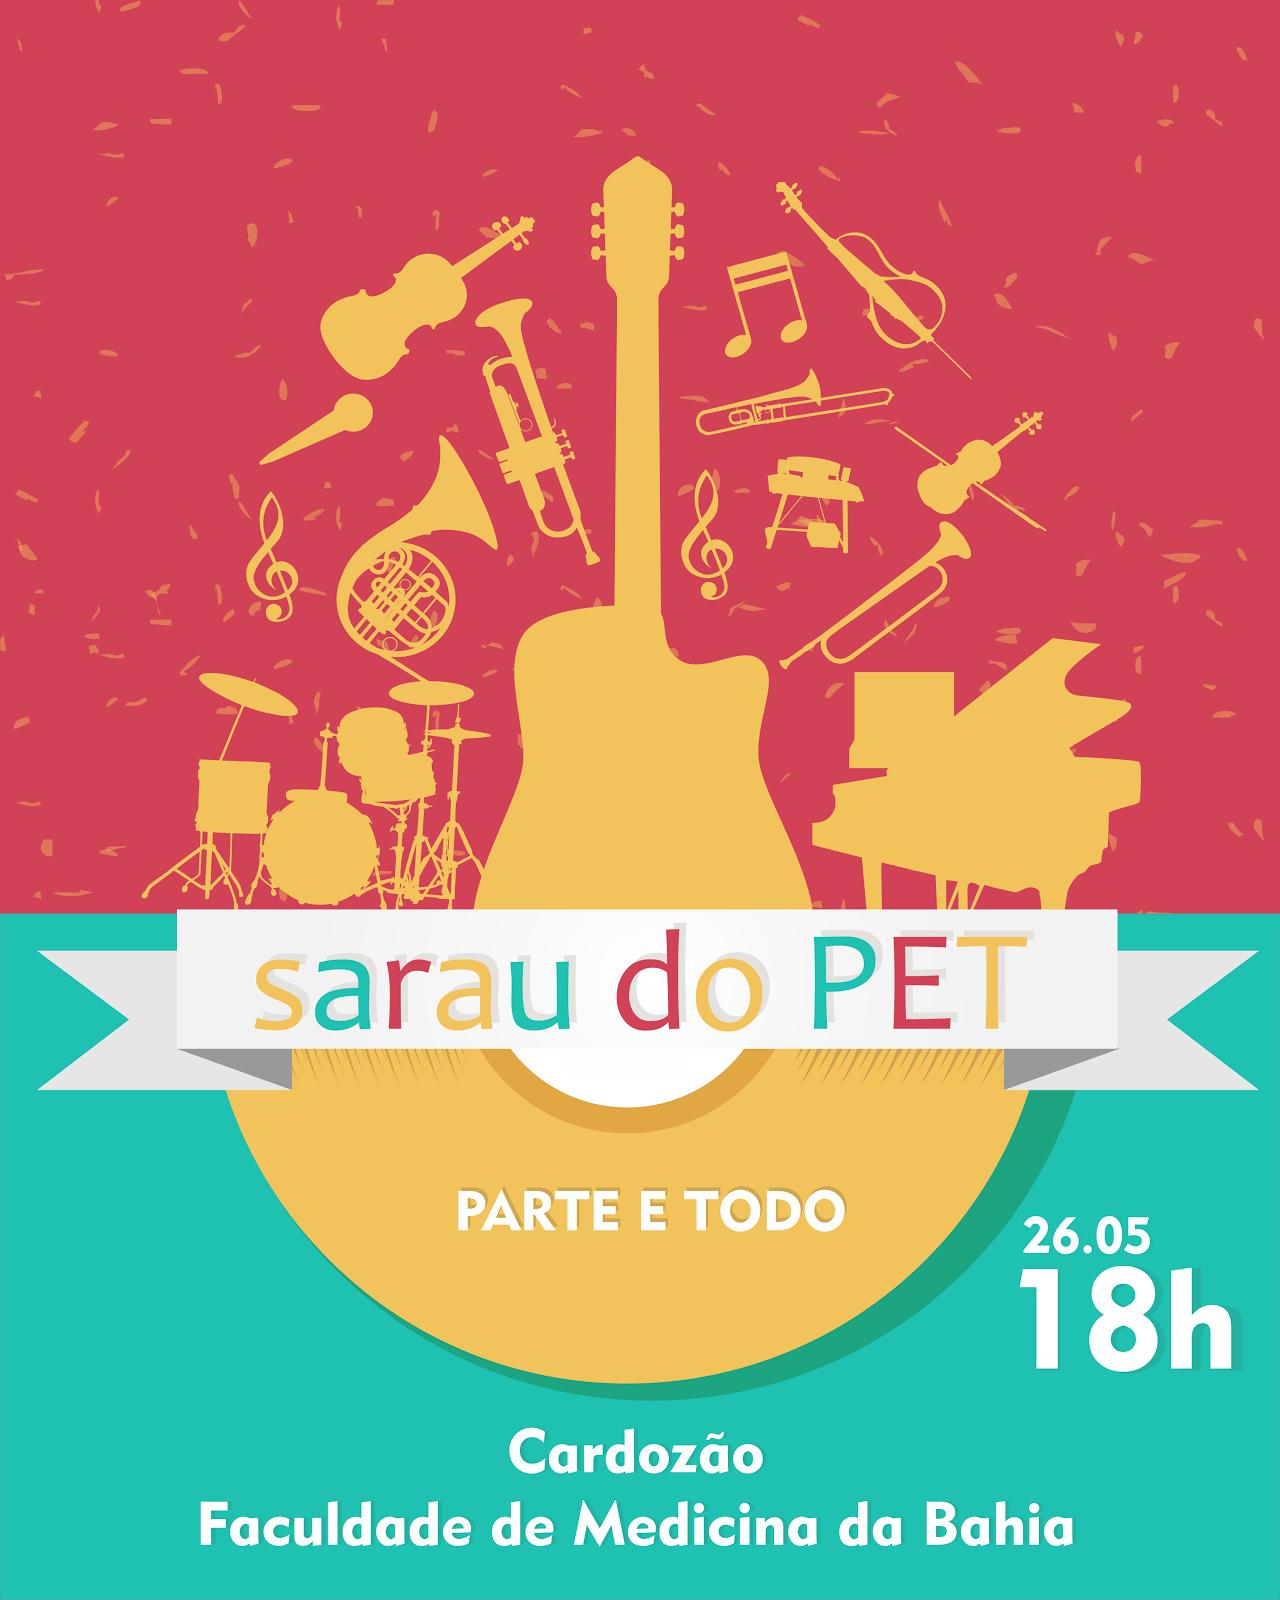 SARAU DO PET